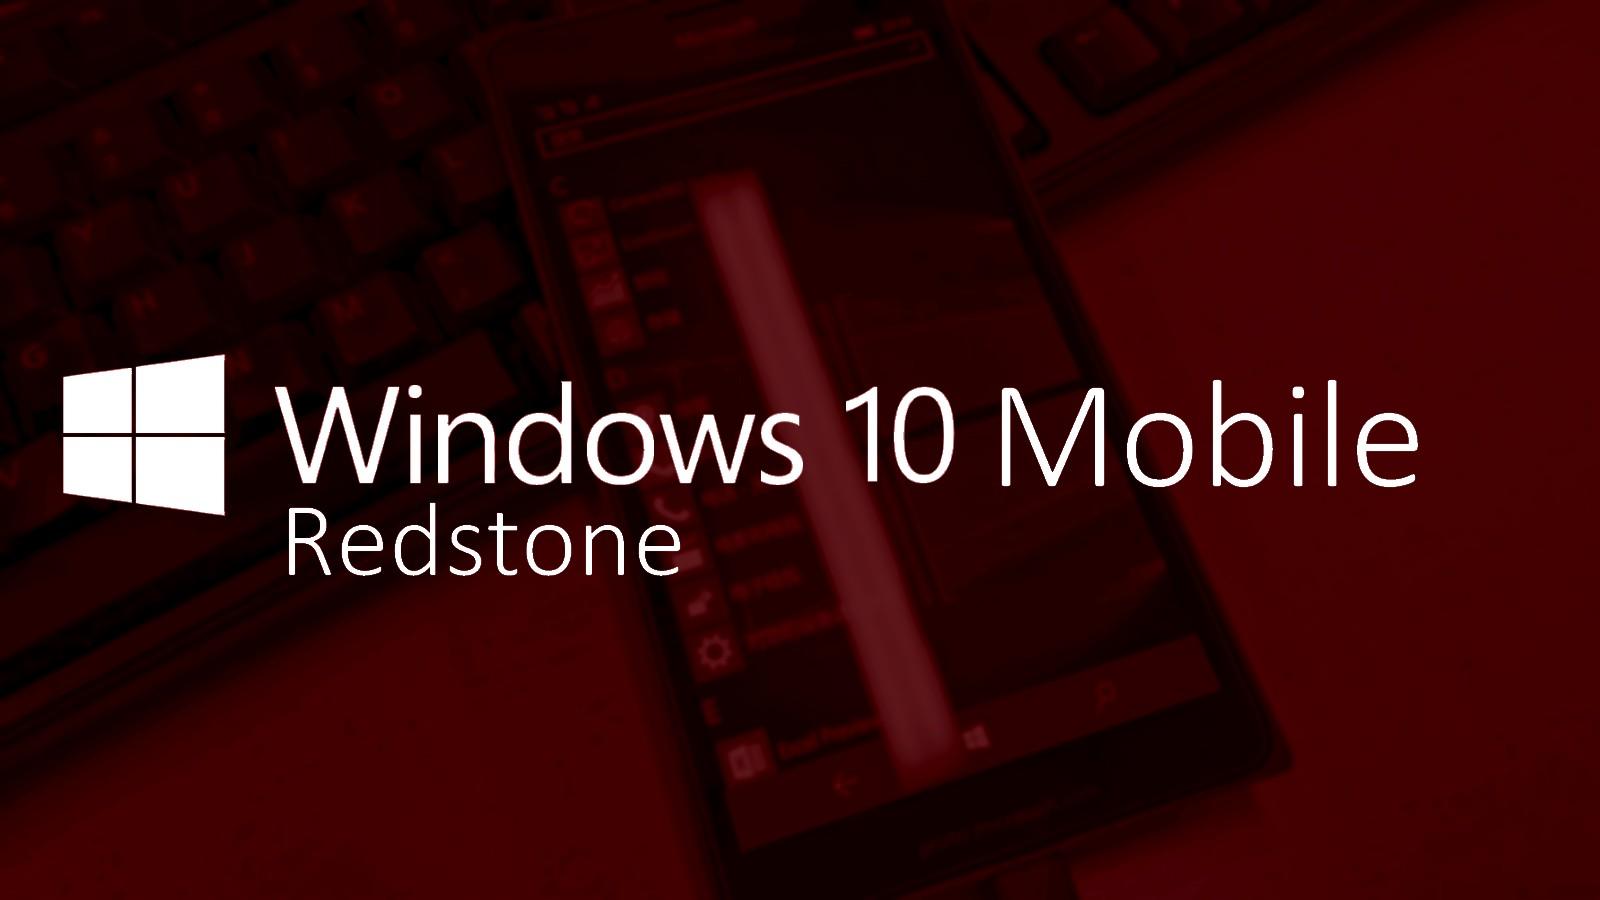 Windows 10 Mobile supporterà device fino a 9 pollici!